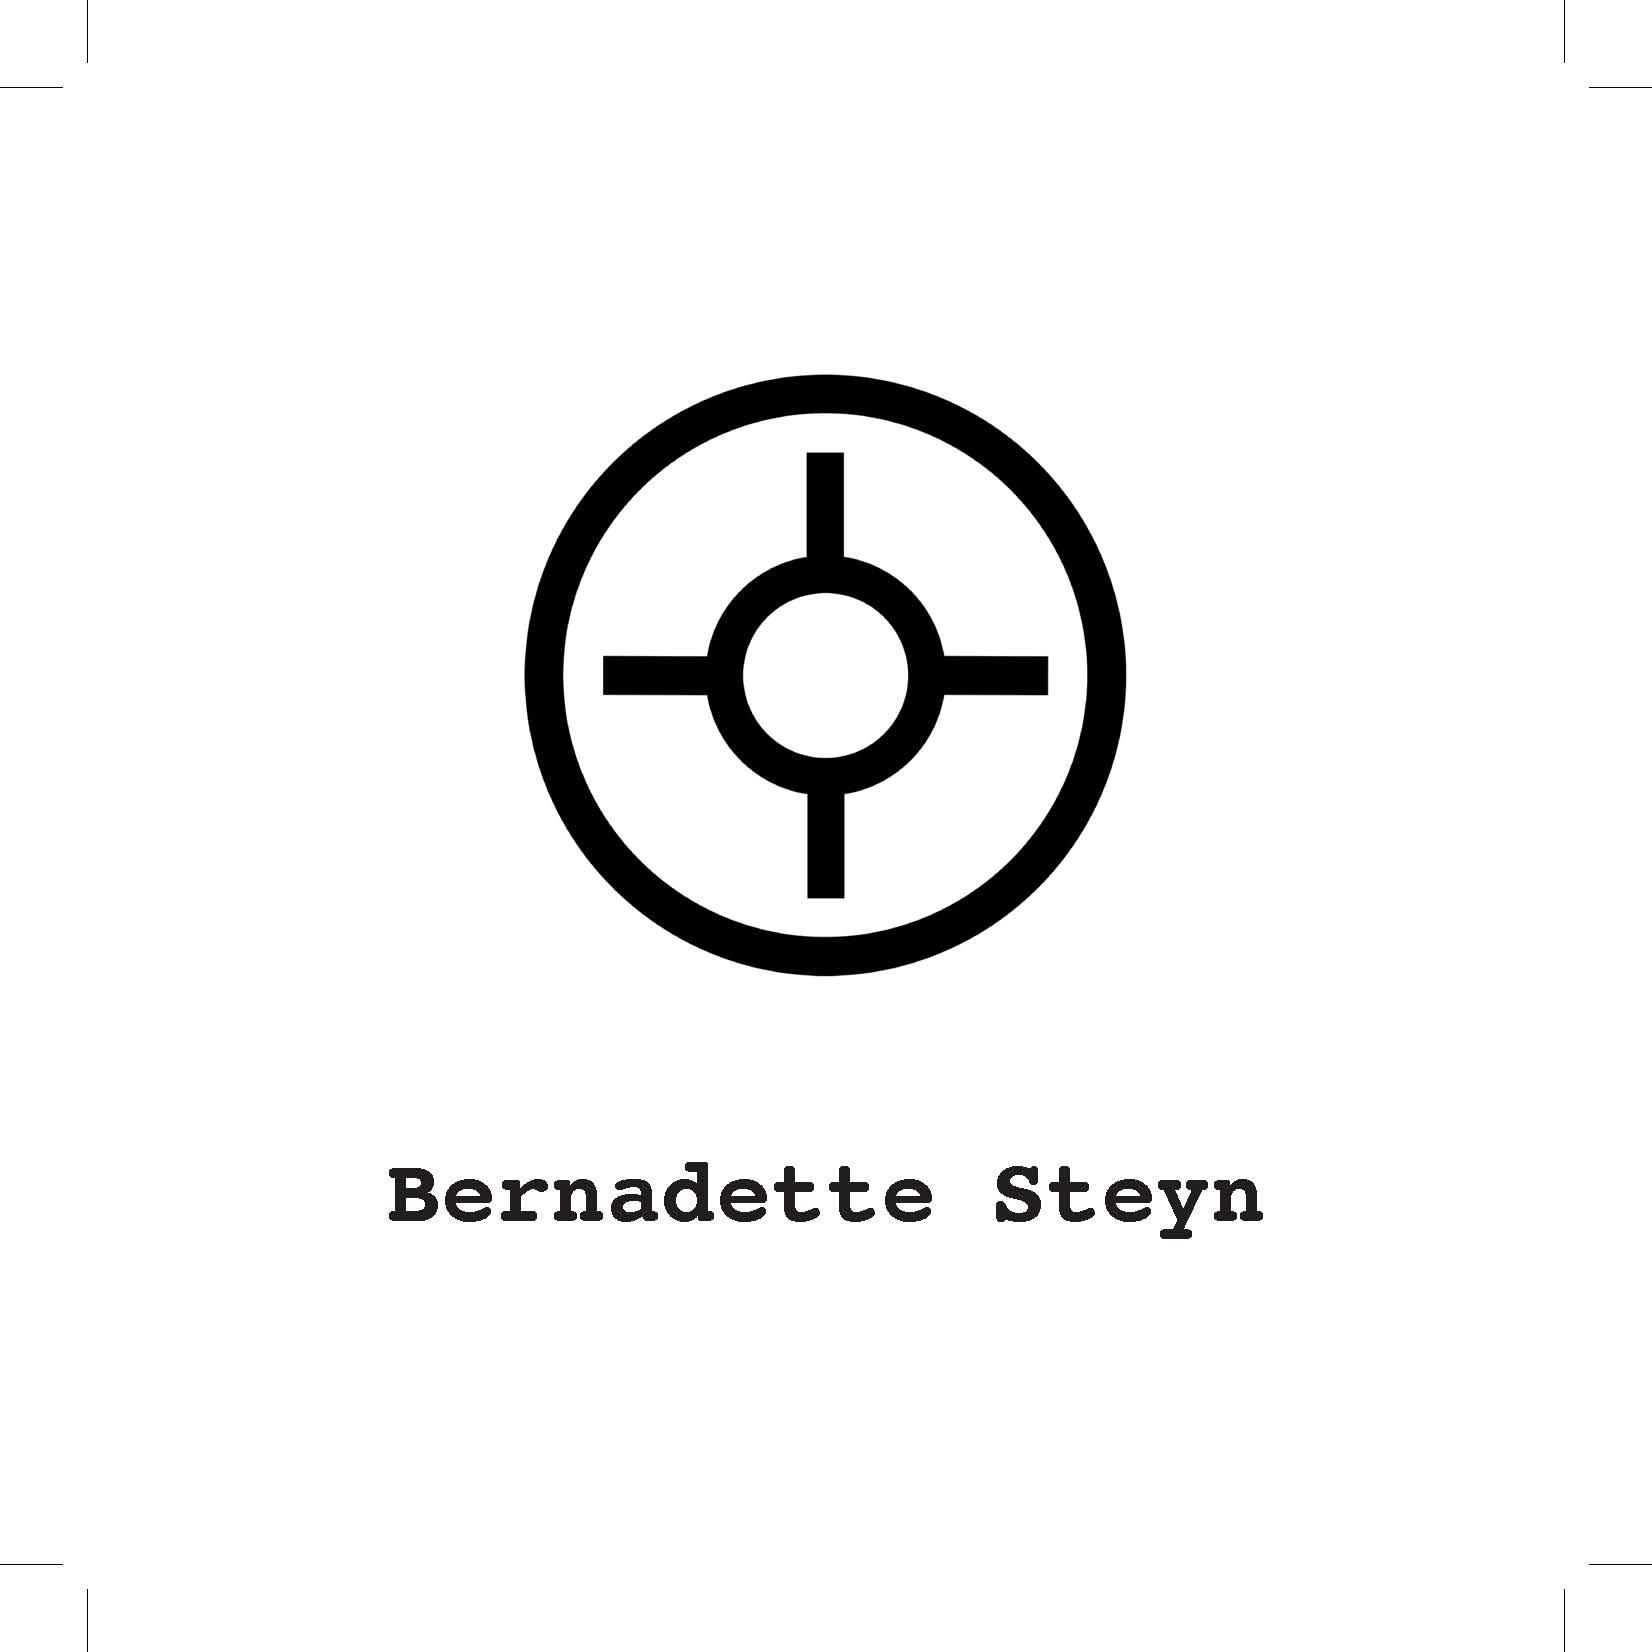 MAP Southafrica - Bernadette Steyn